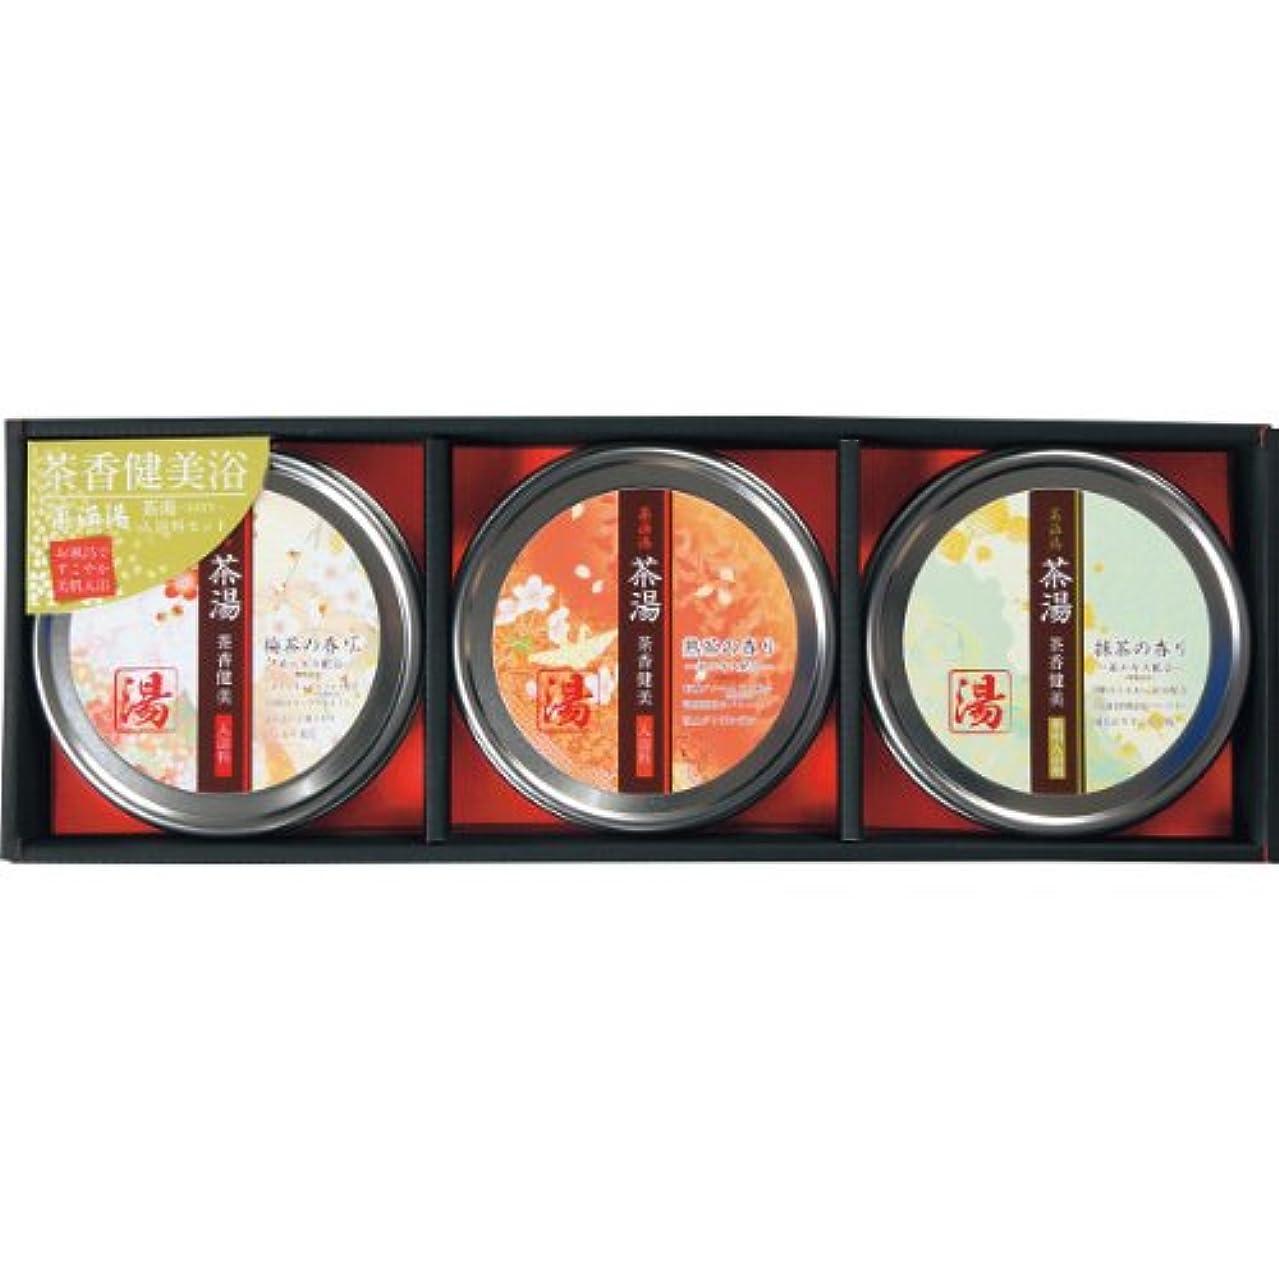 細分化する飾り羽略す敬老の日 贈り物 薬温湯 茶湯ギフトセット(SD)